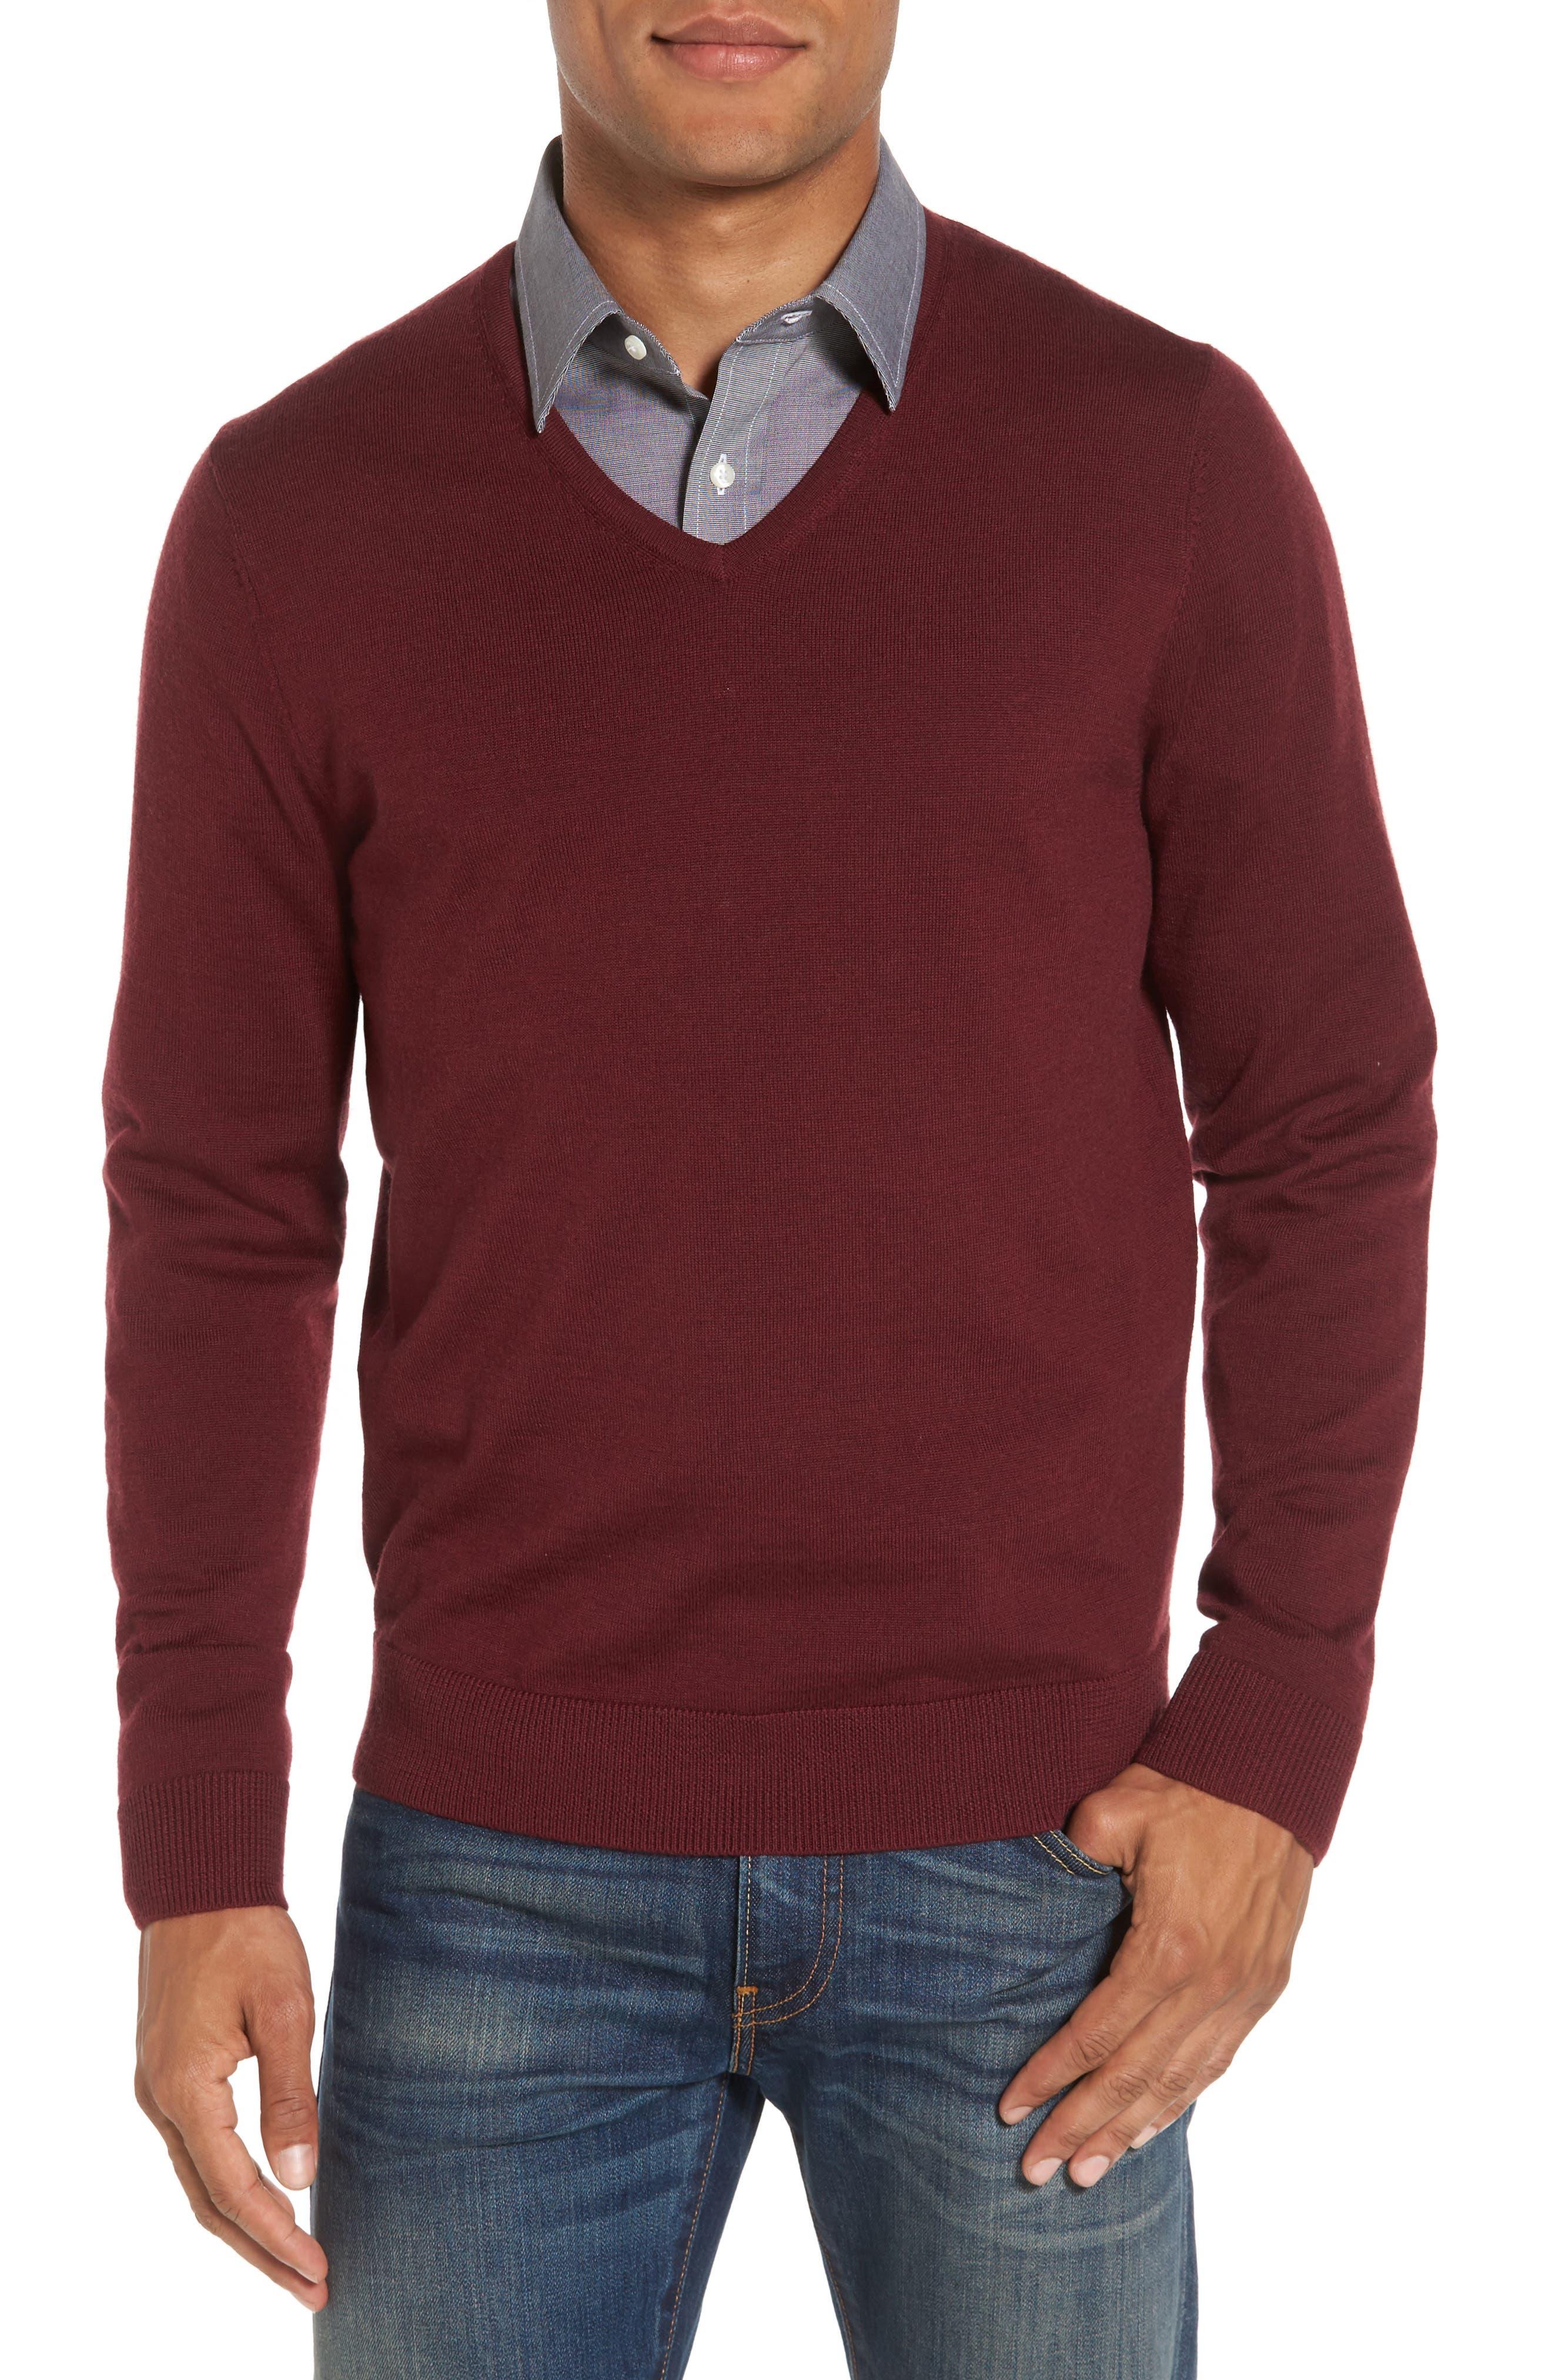 V-Neck Merino Wool Sweater,                             Main thumbnail 1, color,                             Burgundy Stem